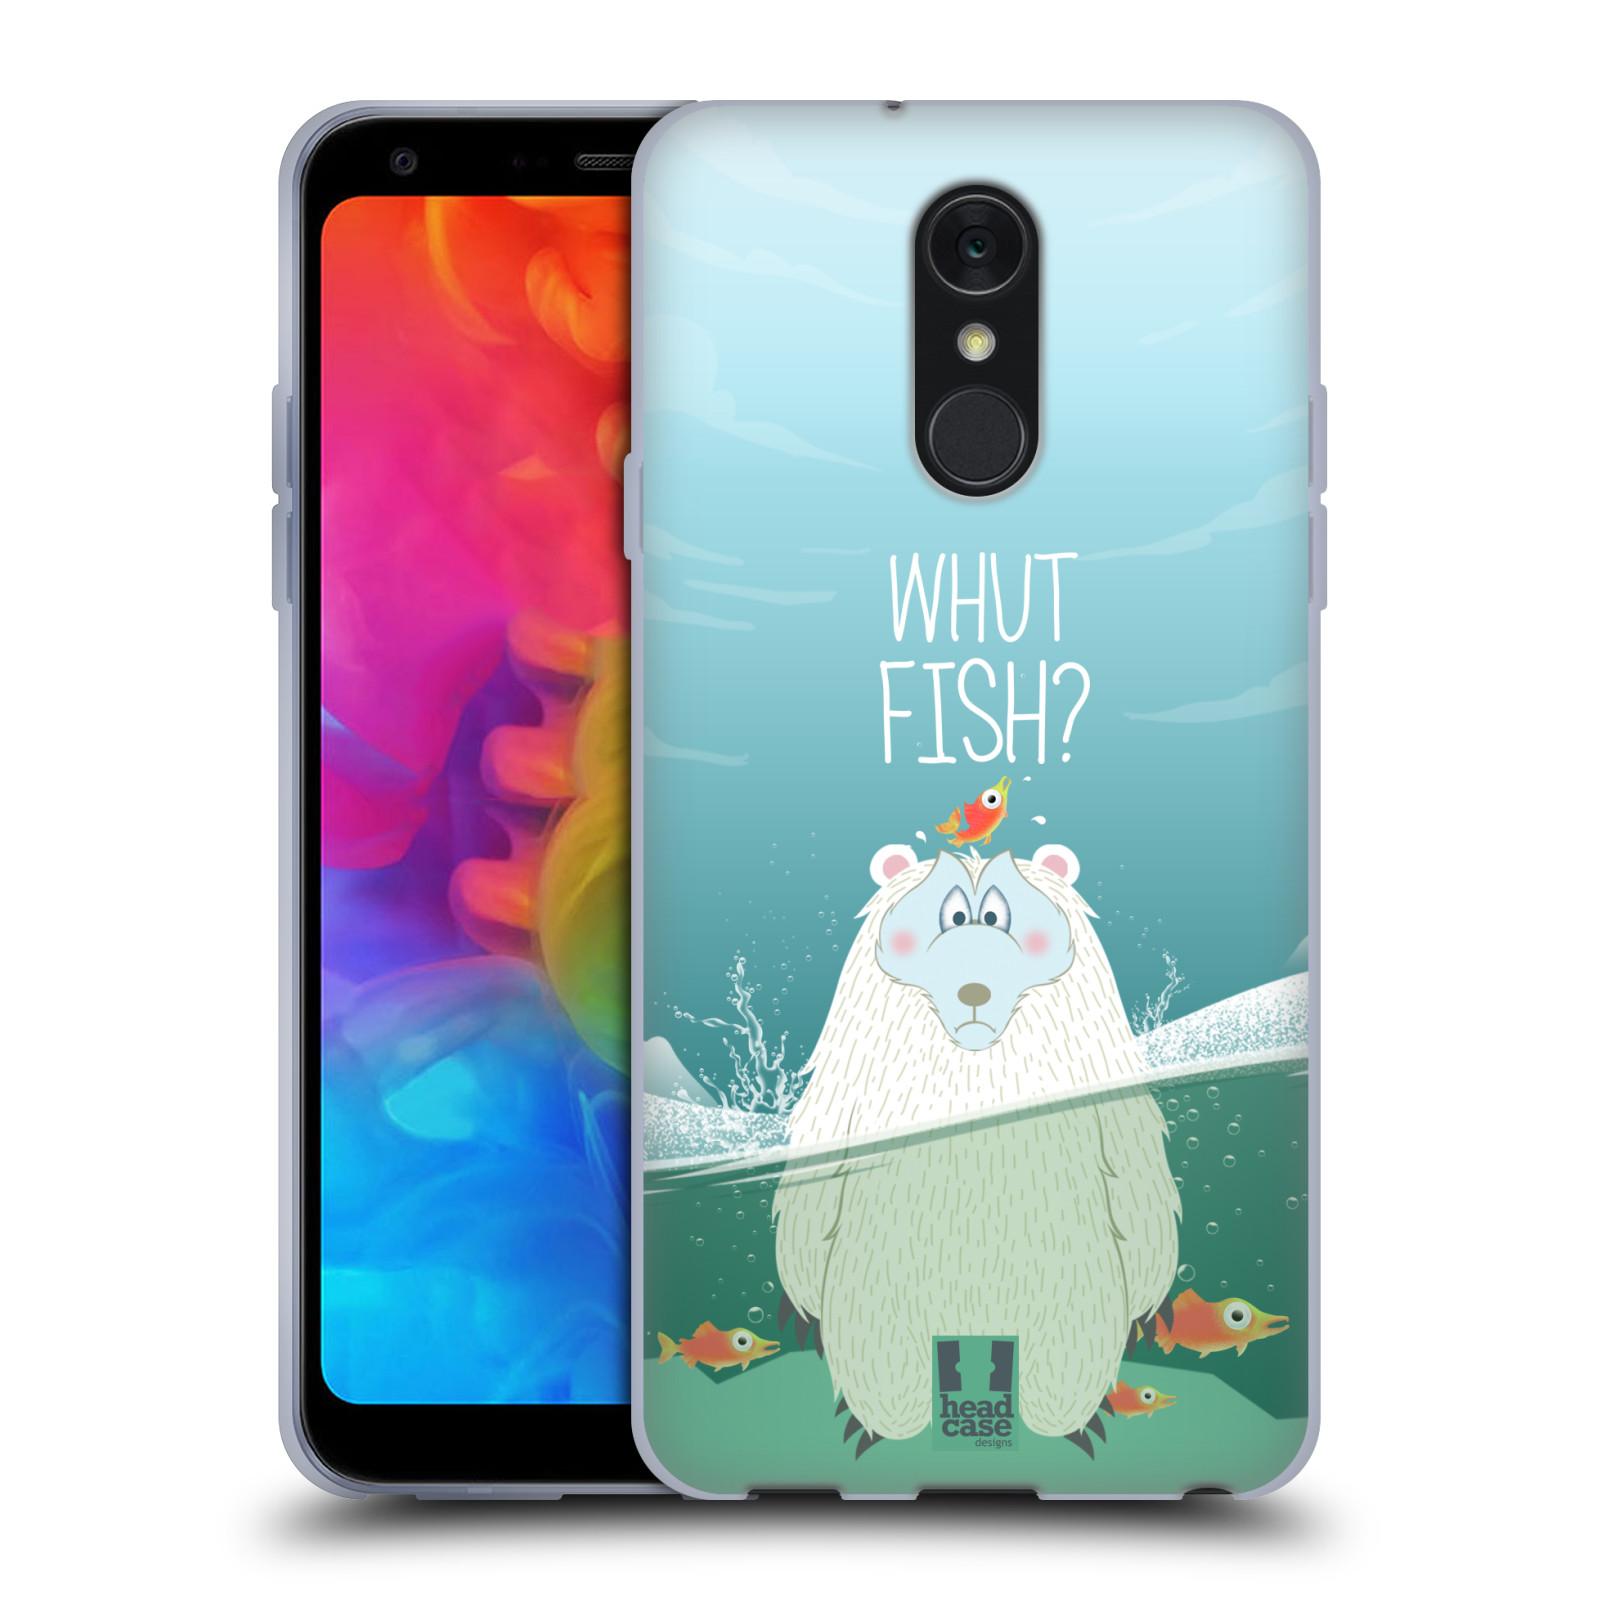 Silikonové pouzdro na mobil LG Q7 - Head Case - Medvěd Whut Fish?